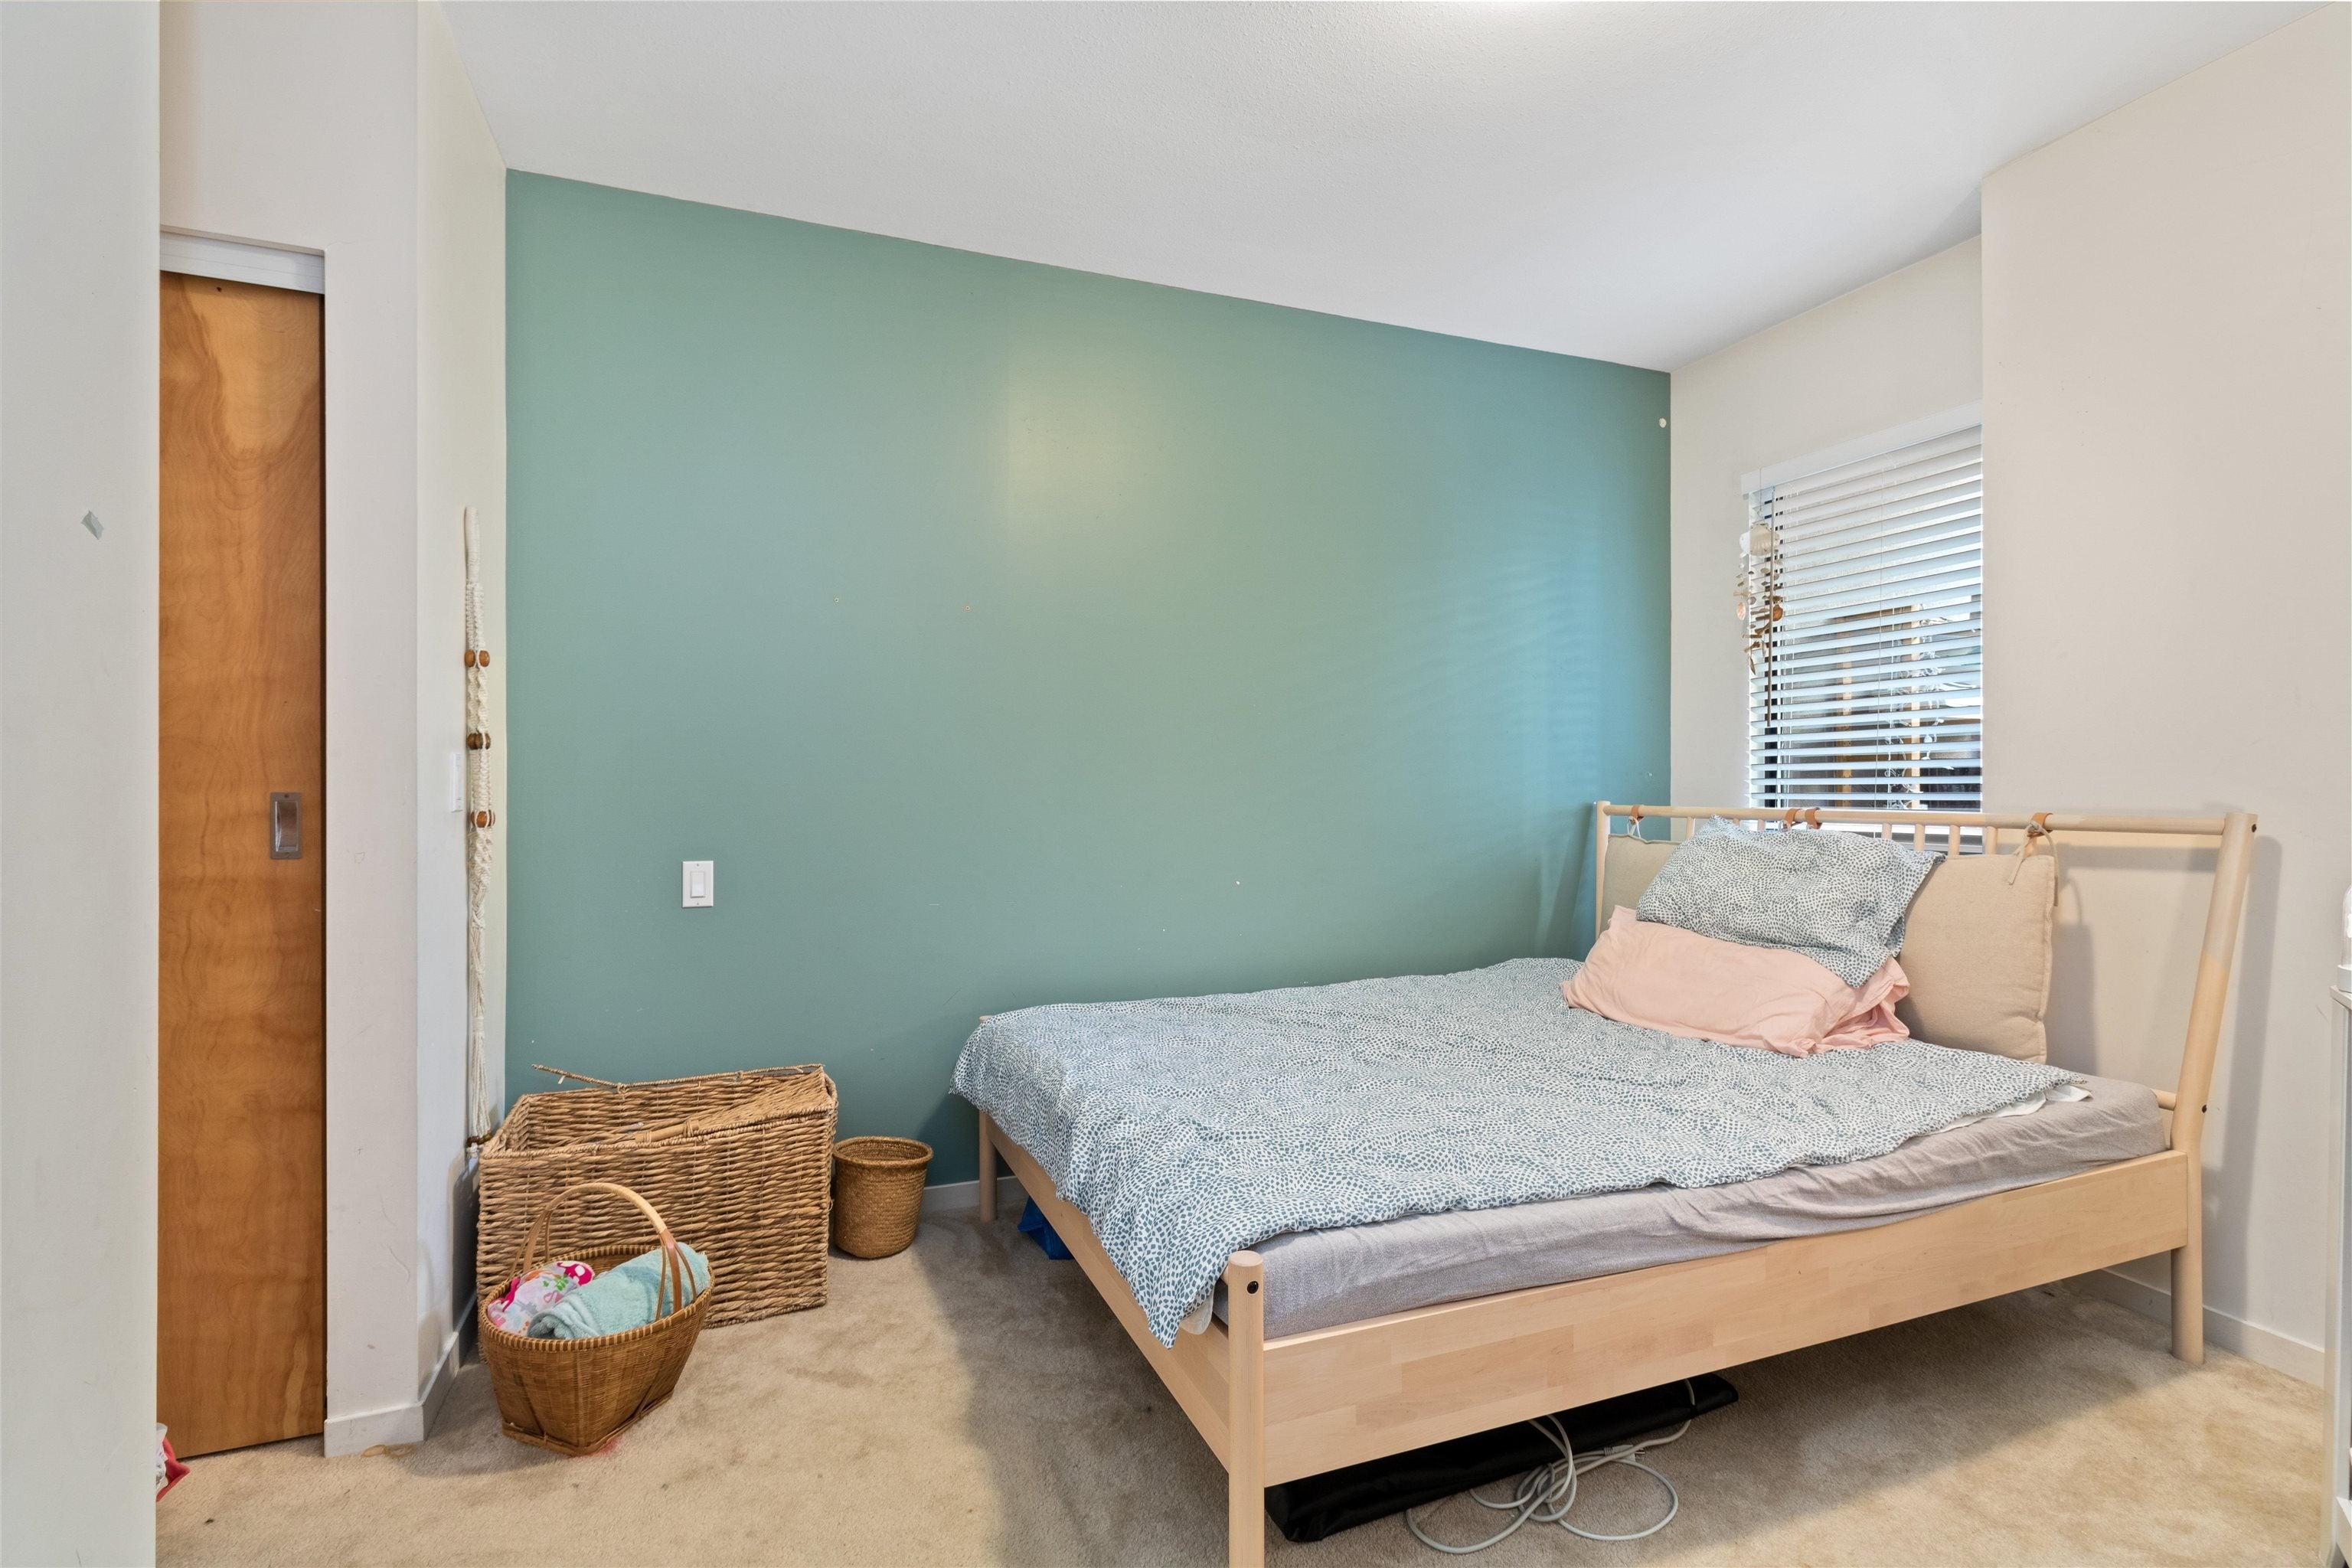 209 2228 MARSTRAND AVENUE - Kitsilano Apartment/Condo for sale, 1 Bedroom (R2617246) - #11